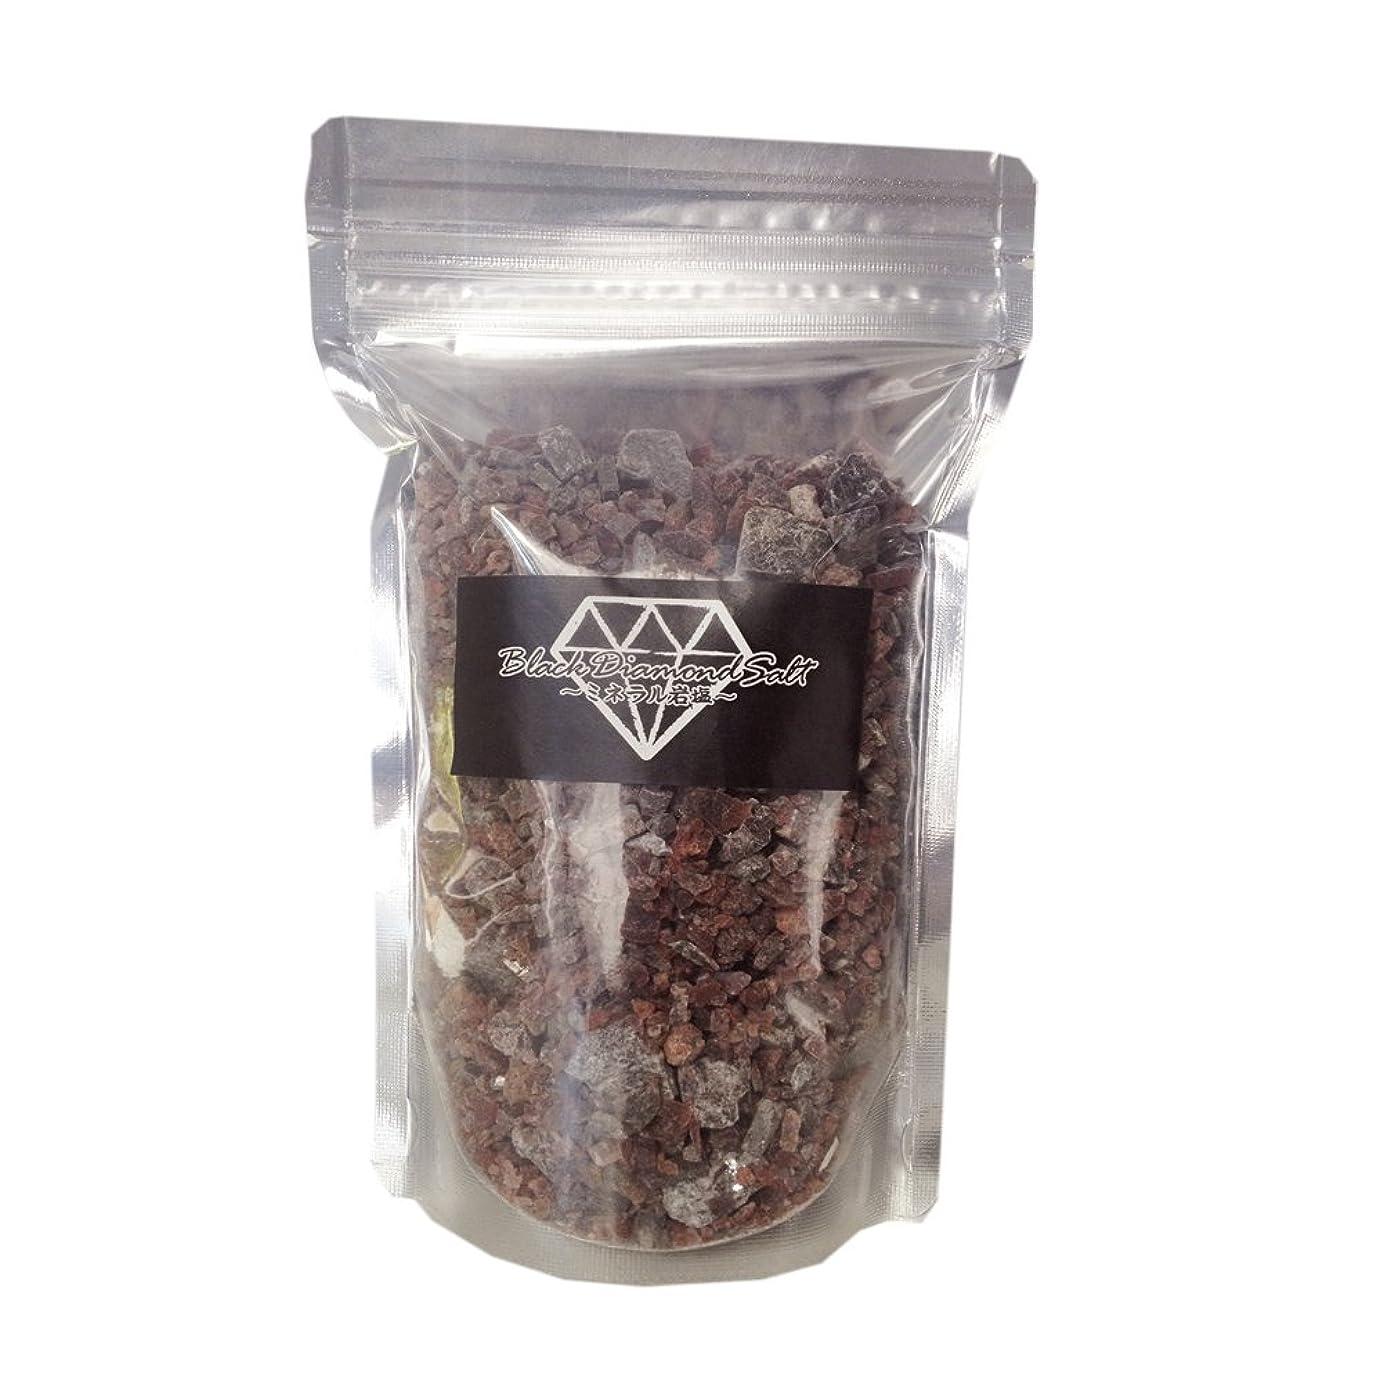 注ぎますゴールグレード温活用 お風呂用ブラックダイヤソルト岩塩450g(15回分)